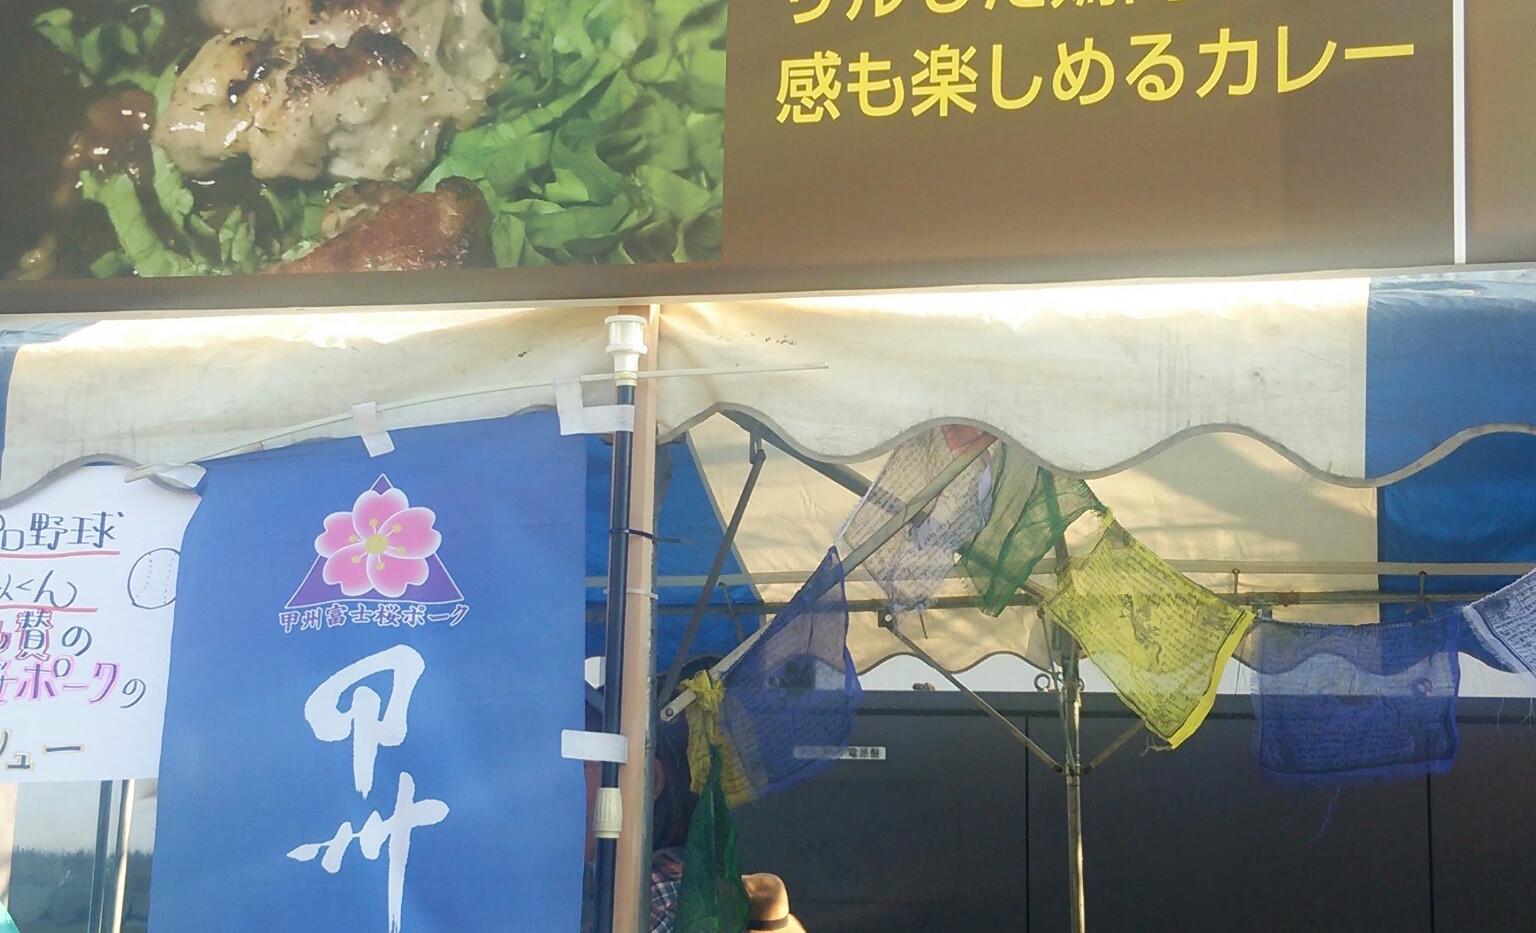 信玄公カレー3.jpg